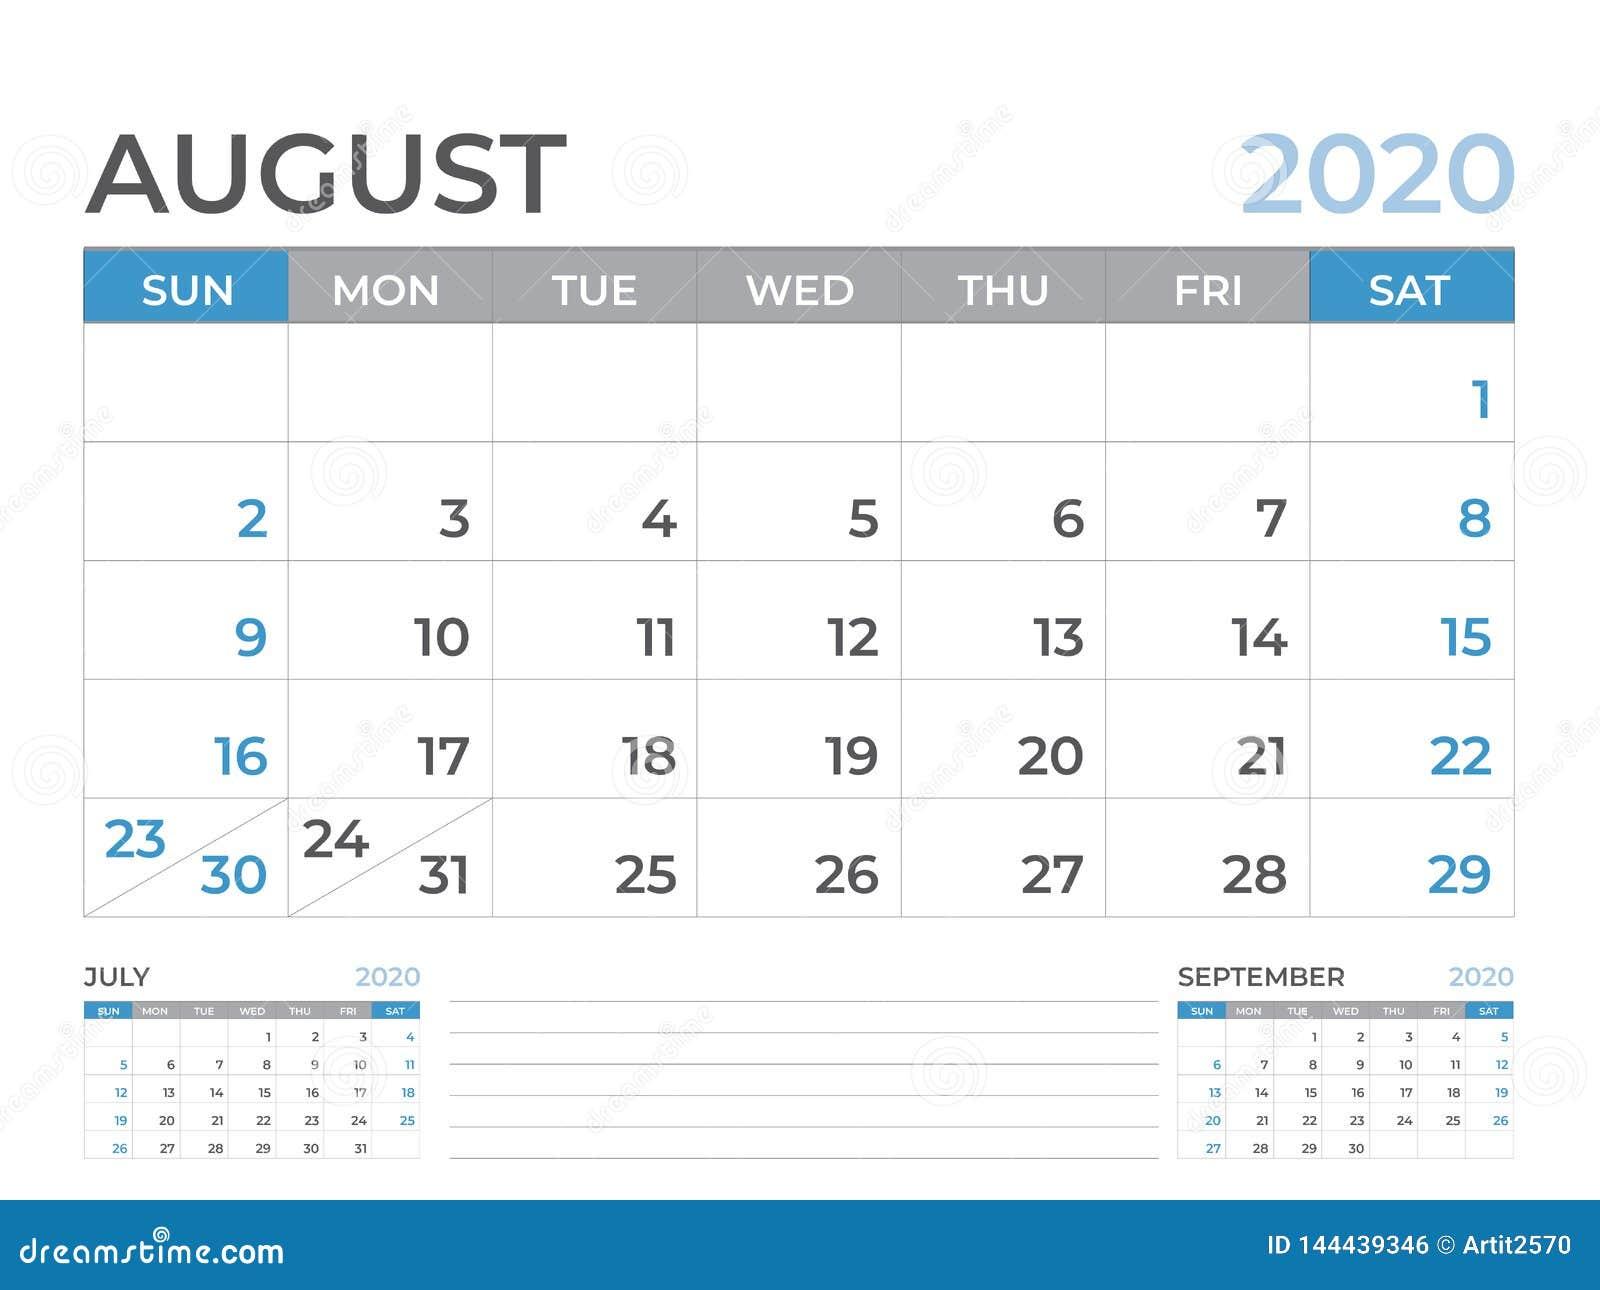 Calendrier Aout 2020.Aout 2020 Calibre De Calendrier Taille De Disposition De